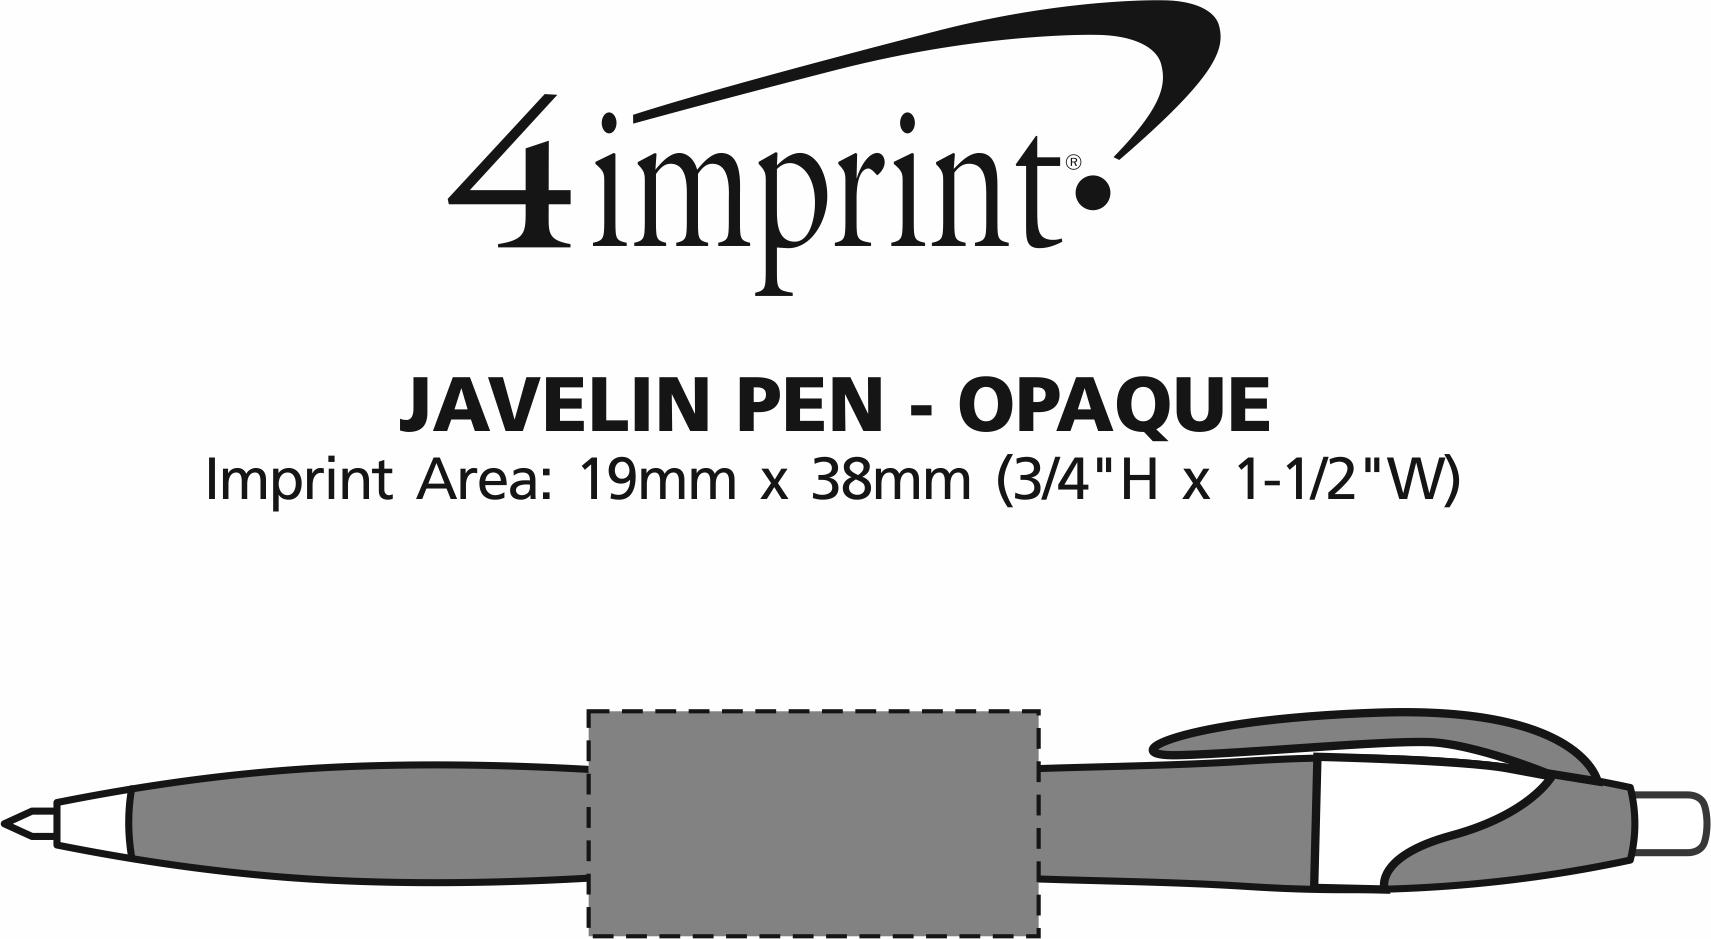 Imprint Area of Javelin Pen - Opaque